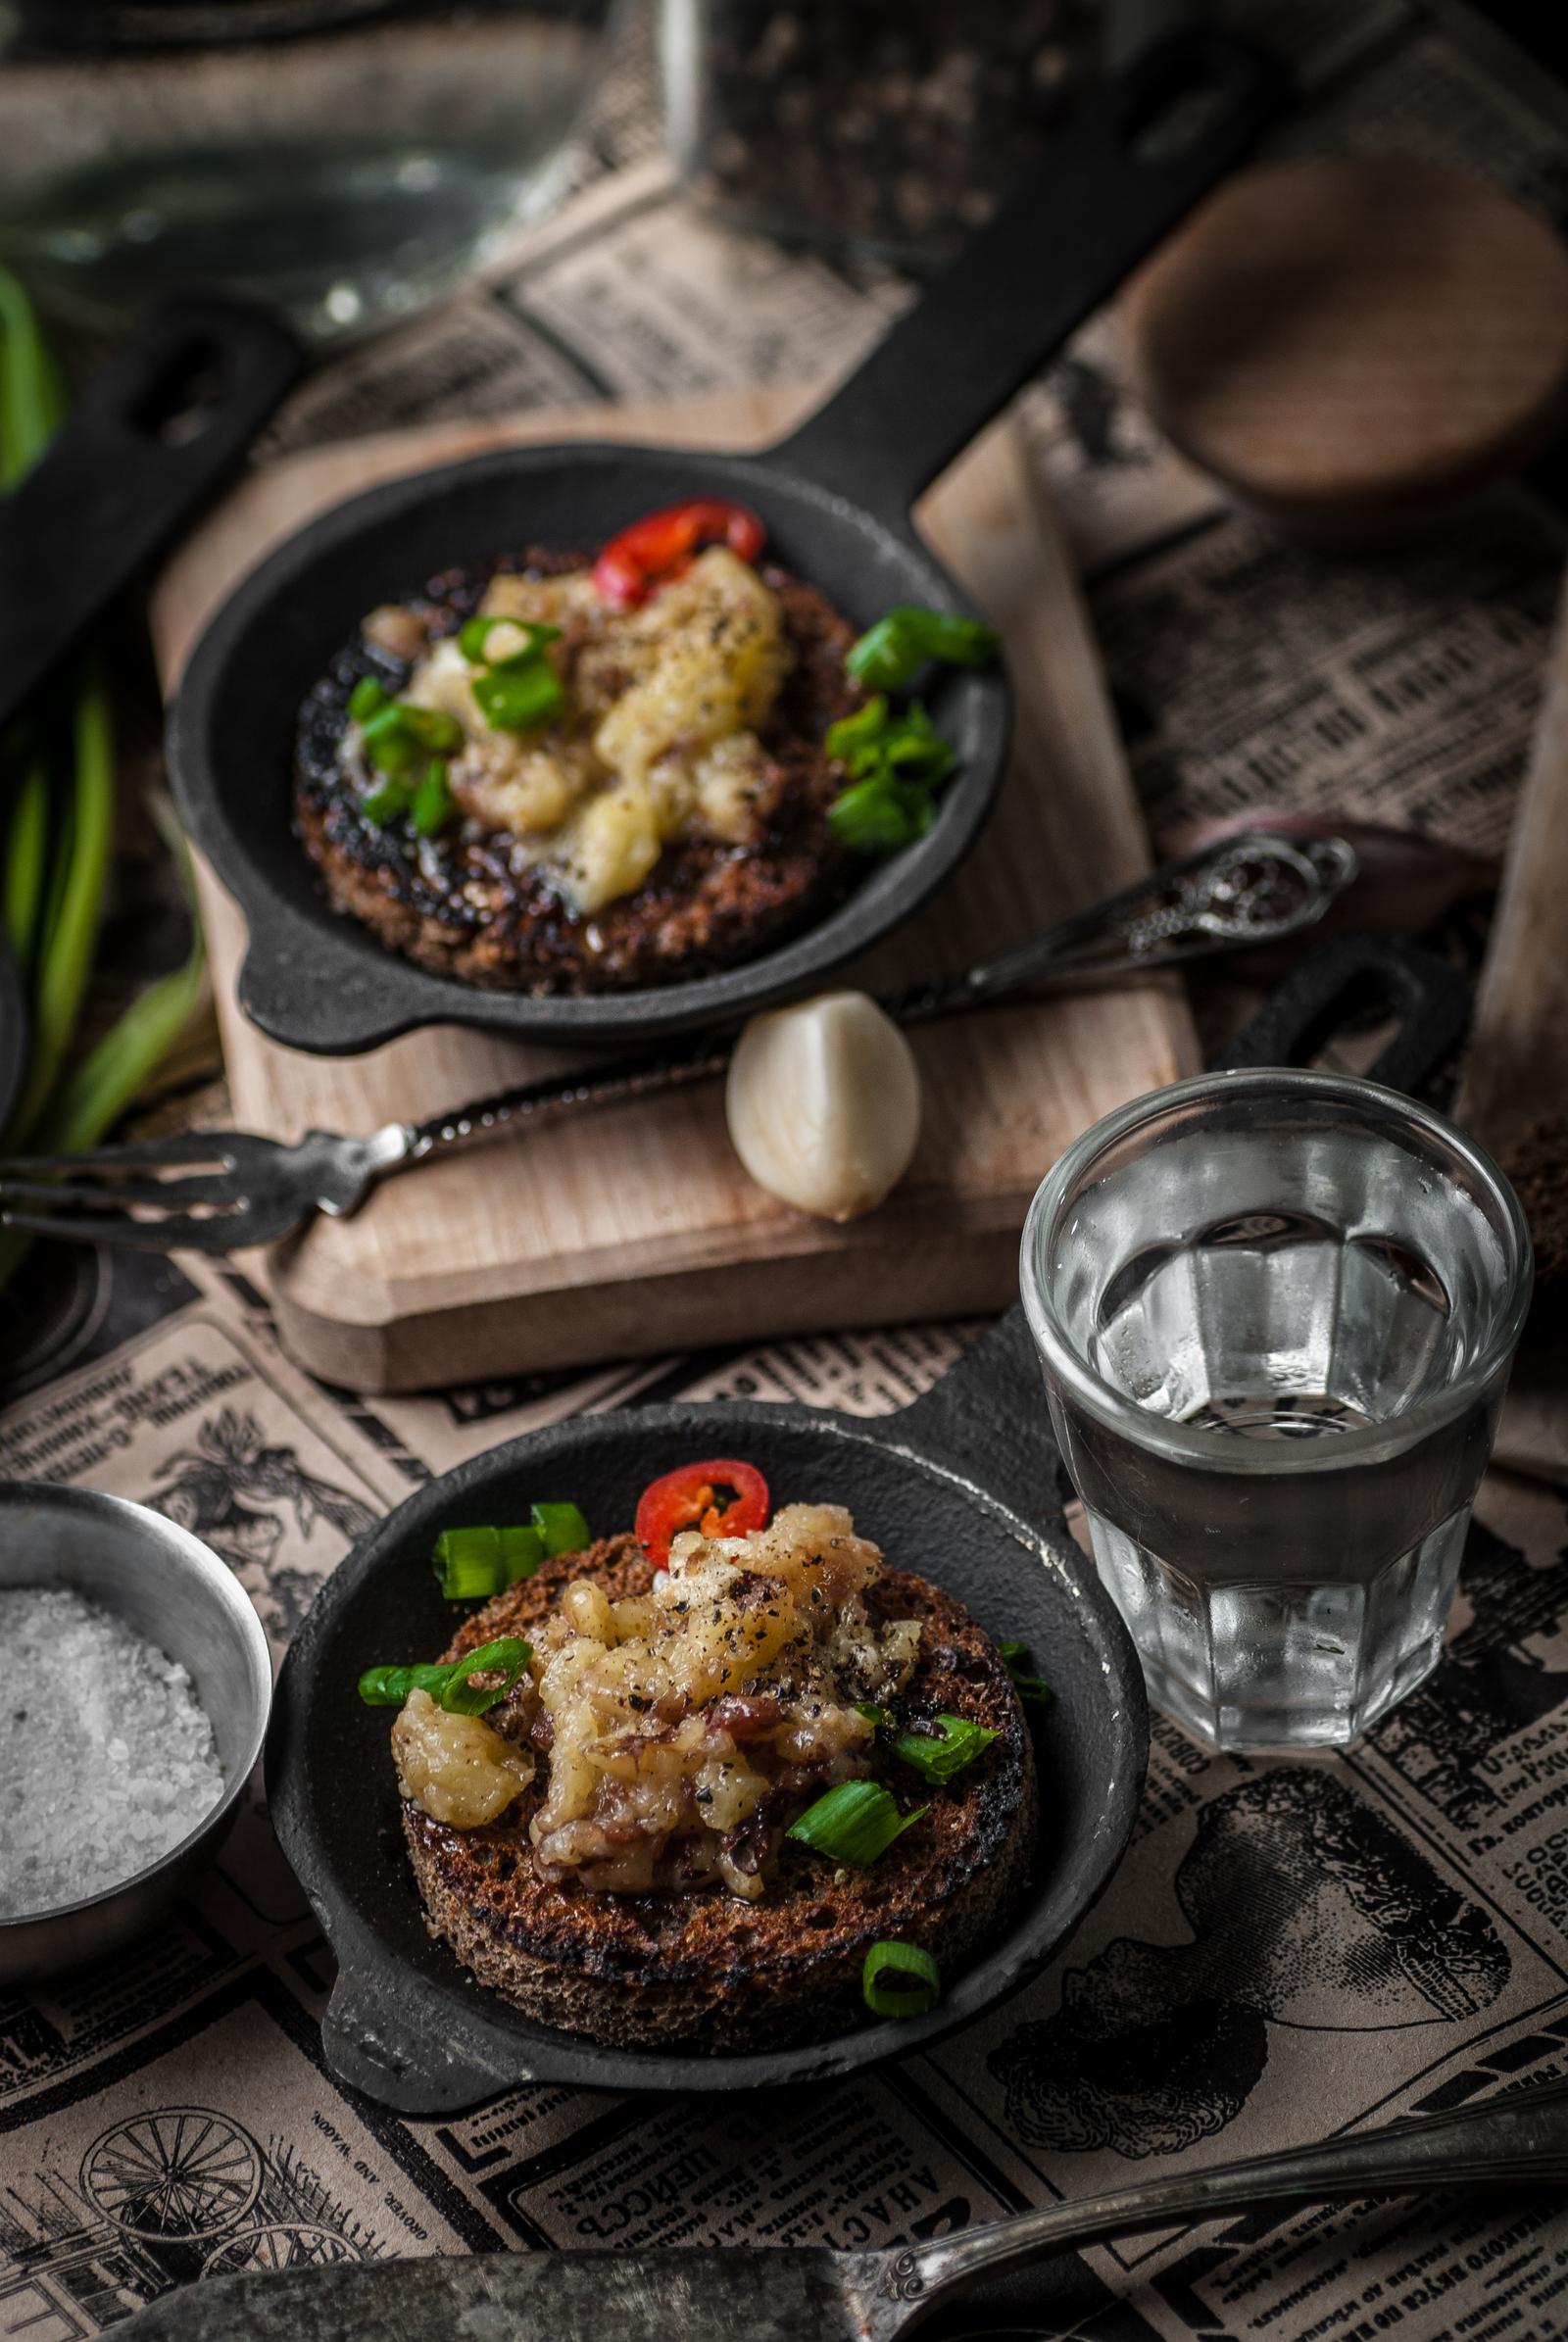 Насколько я поняла это закуска, но у меня расходится как основное блюдо Огурчики с мясом по-корейски рекомендации